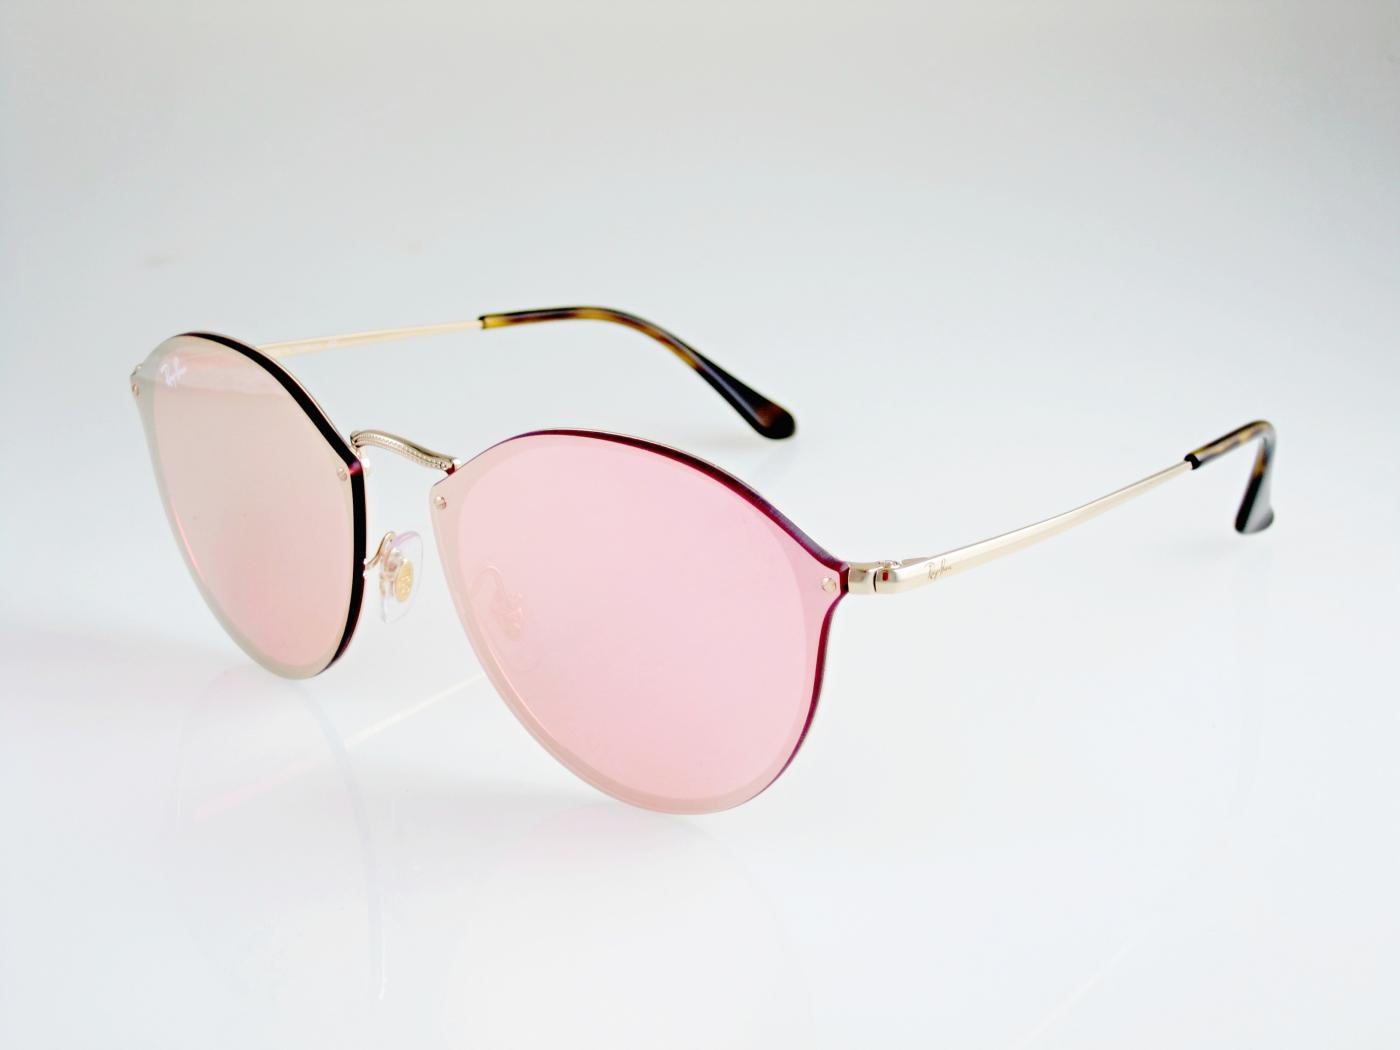 Dámske slnečné okuliare Ray Ban - Blaze Round ab86b984cc4